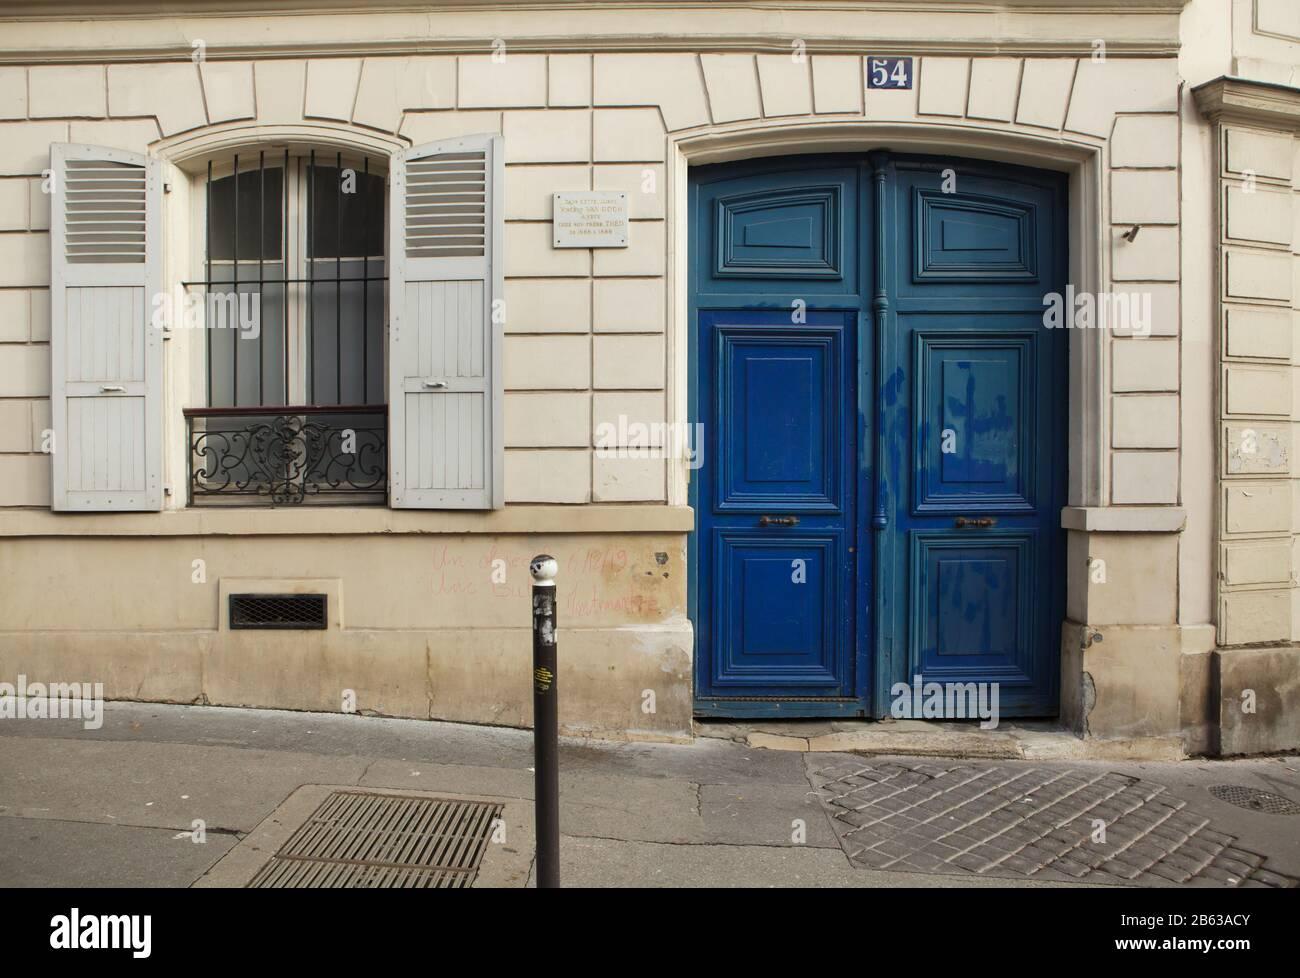 Maison où Vincent van Gogh a vécu avec son frère Théo van Gogh à la rue Lepic à Montmartre, France. Texte sur le comprimé commémoratif signifie: Dans cette maison Vincent van Gogh a vécu avec son frère Théo de 1886 à 1888. Vincent van Gogh a vécu ici de juin 1886 à février 1888. Banque D'Images